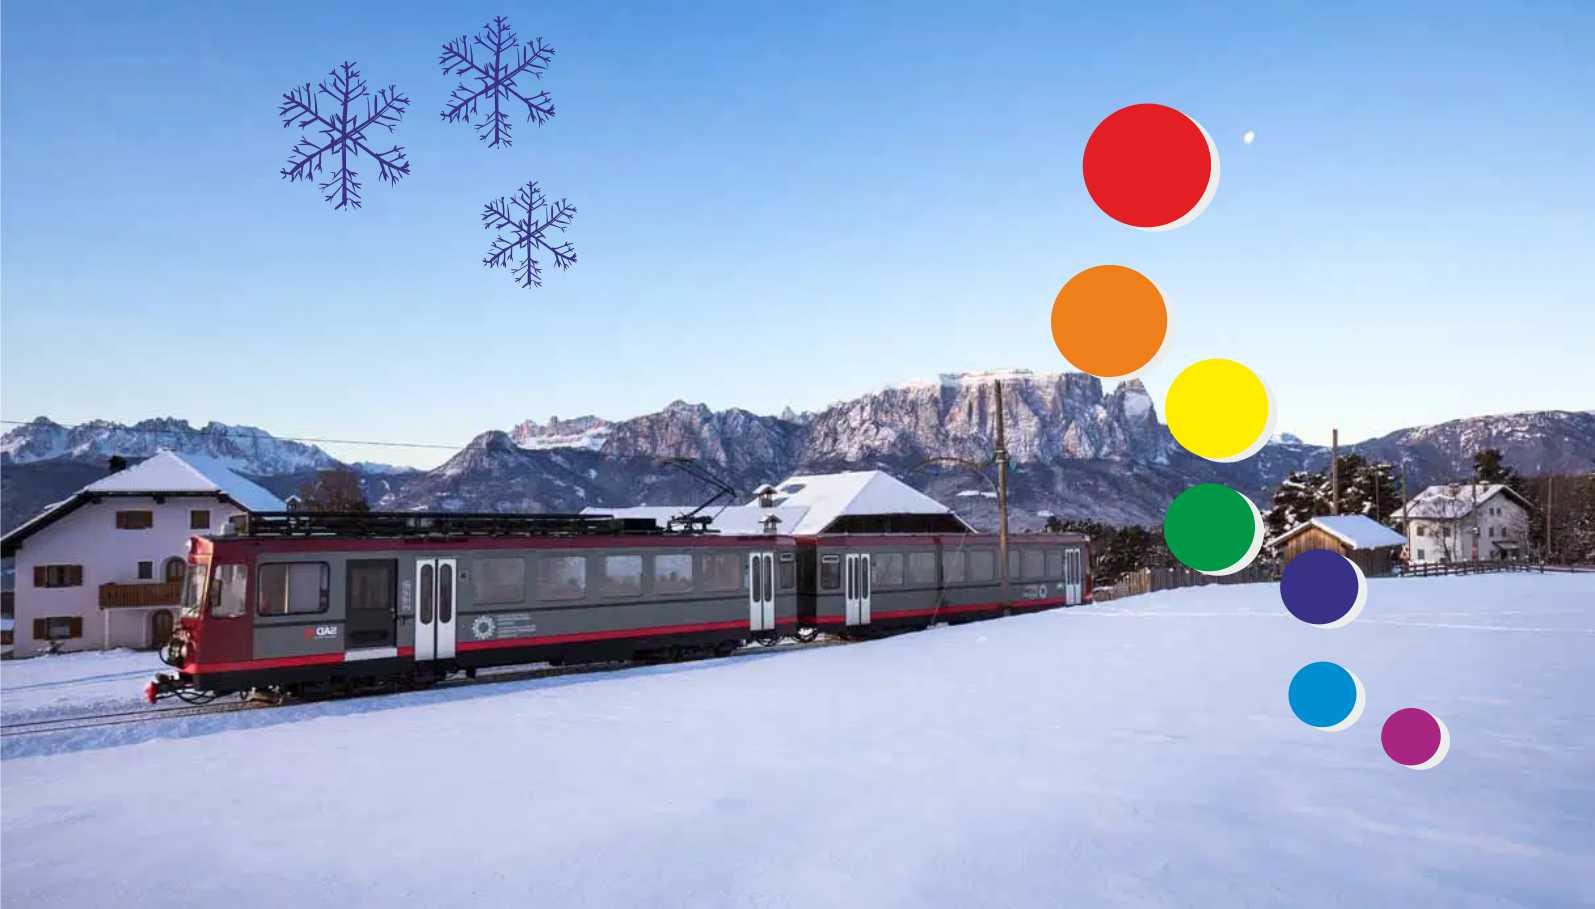 Il Trenatale Del Renon E Le  Atmosfere Natalizie Nei  Mercatini Più Suggestivi Del  Trentino Alto Adige